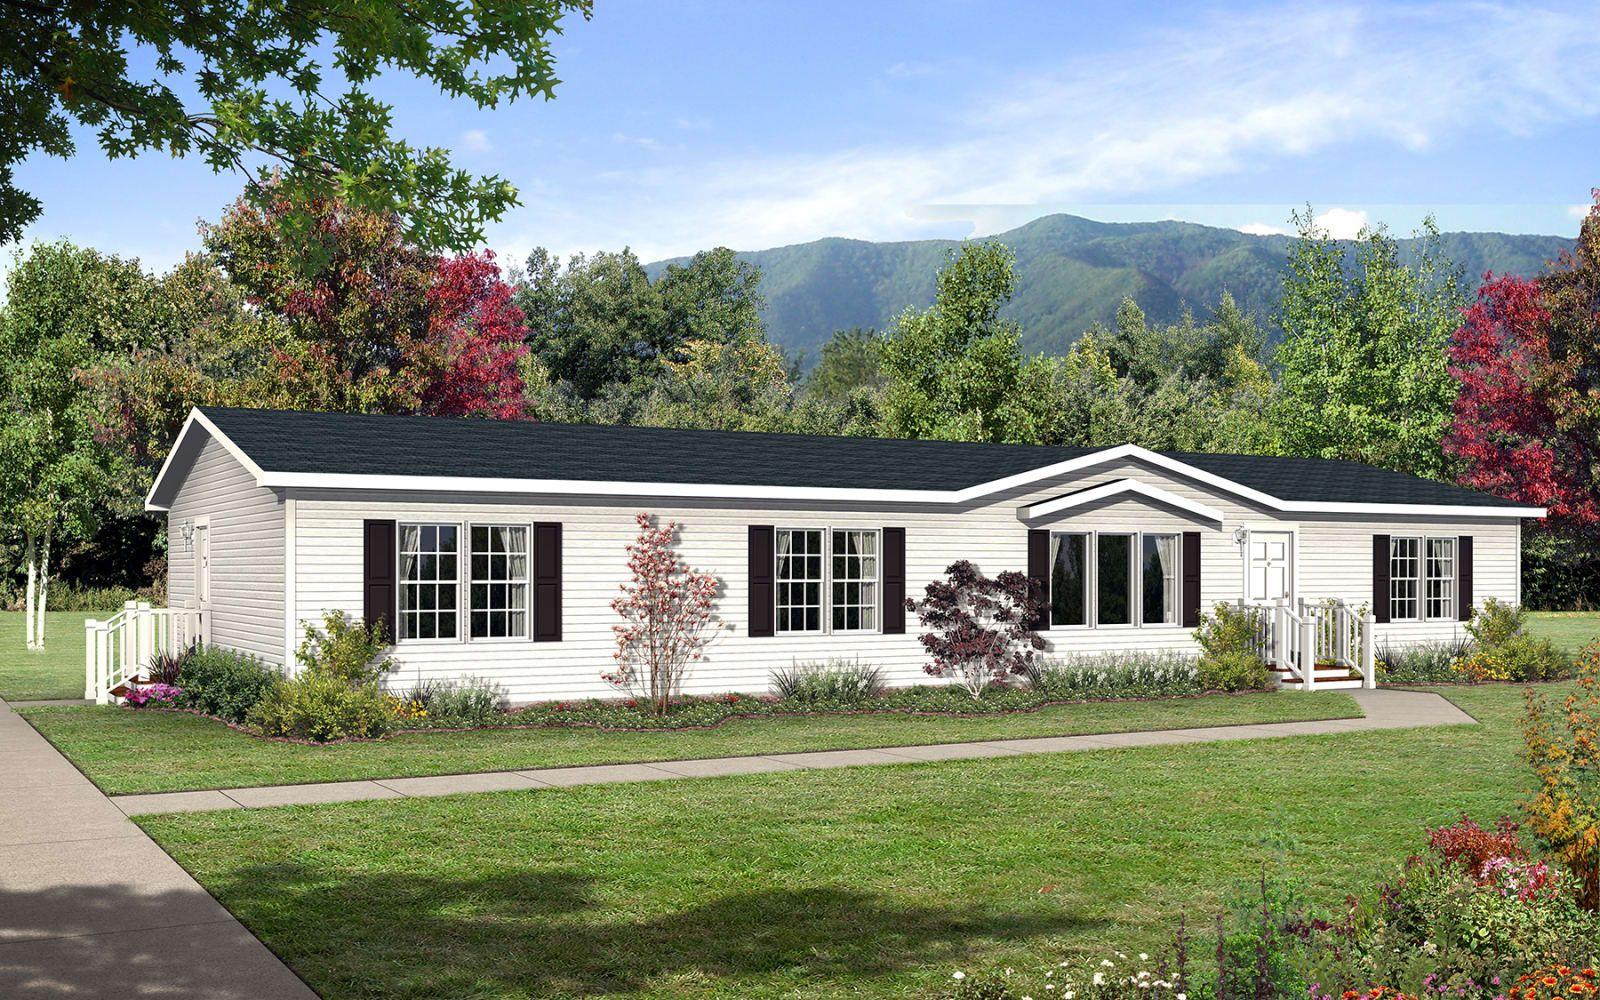 Gold Star 2872 201 Exterior White Exterior Houses House Exterior Mobile Home Exteriors